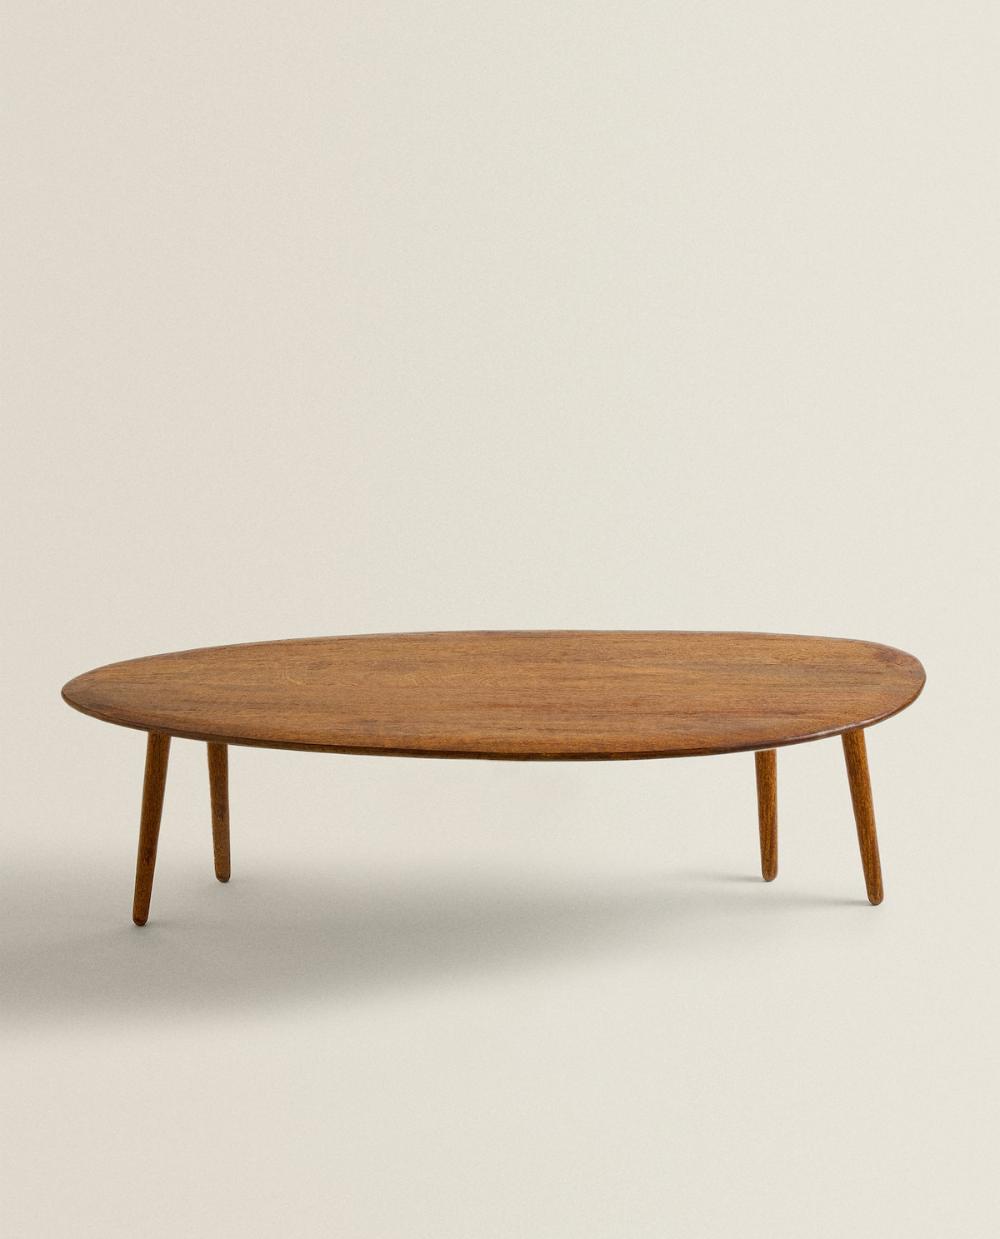 Image 1 Du Produit Table D Appoint Avec Pieds En Bois Zara Home Side Table Zara Home Table Zara Home [ 1239 x 1000 Pixel ]